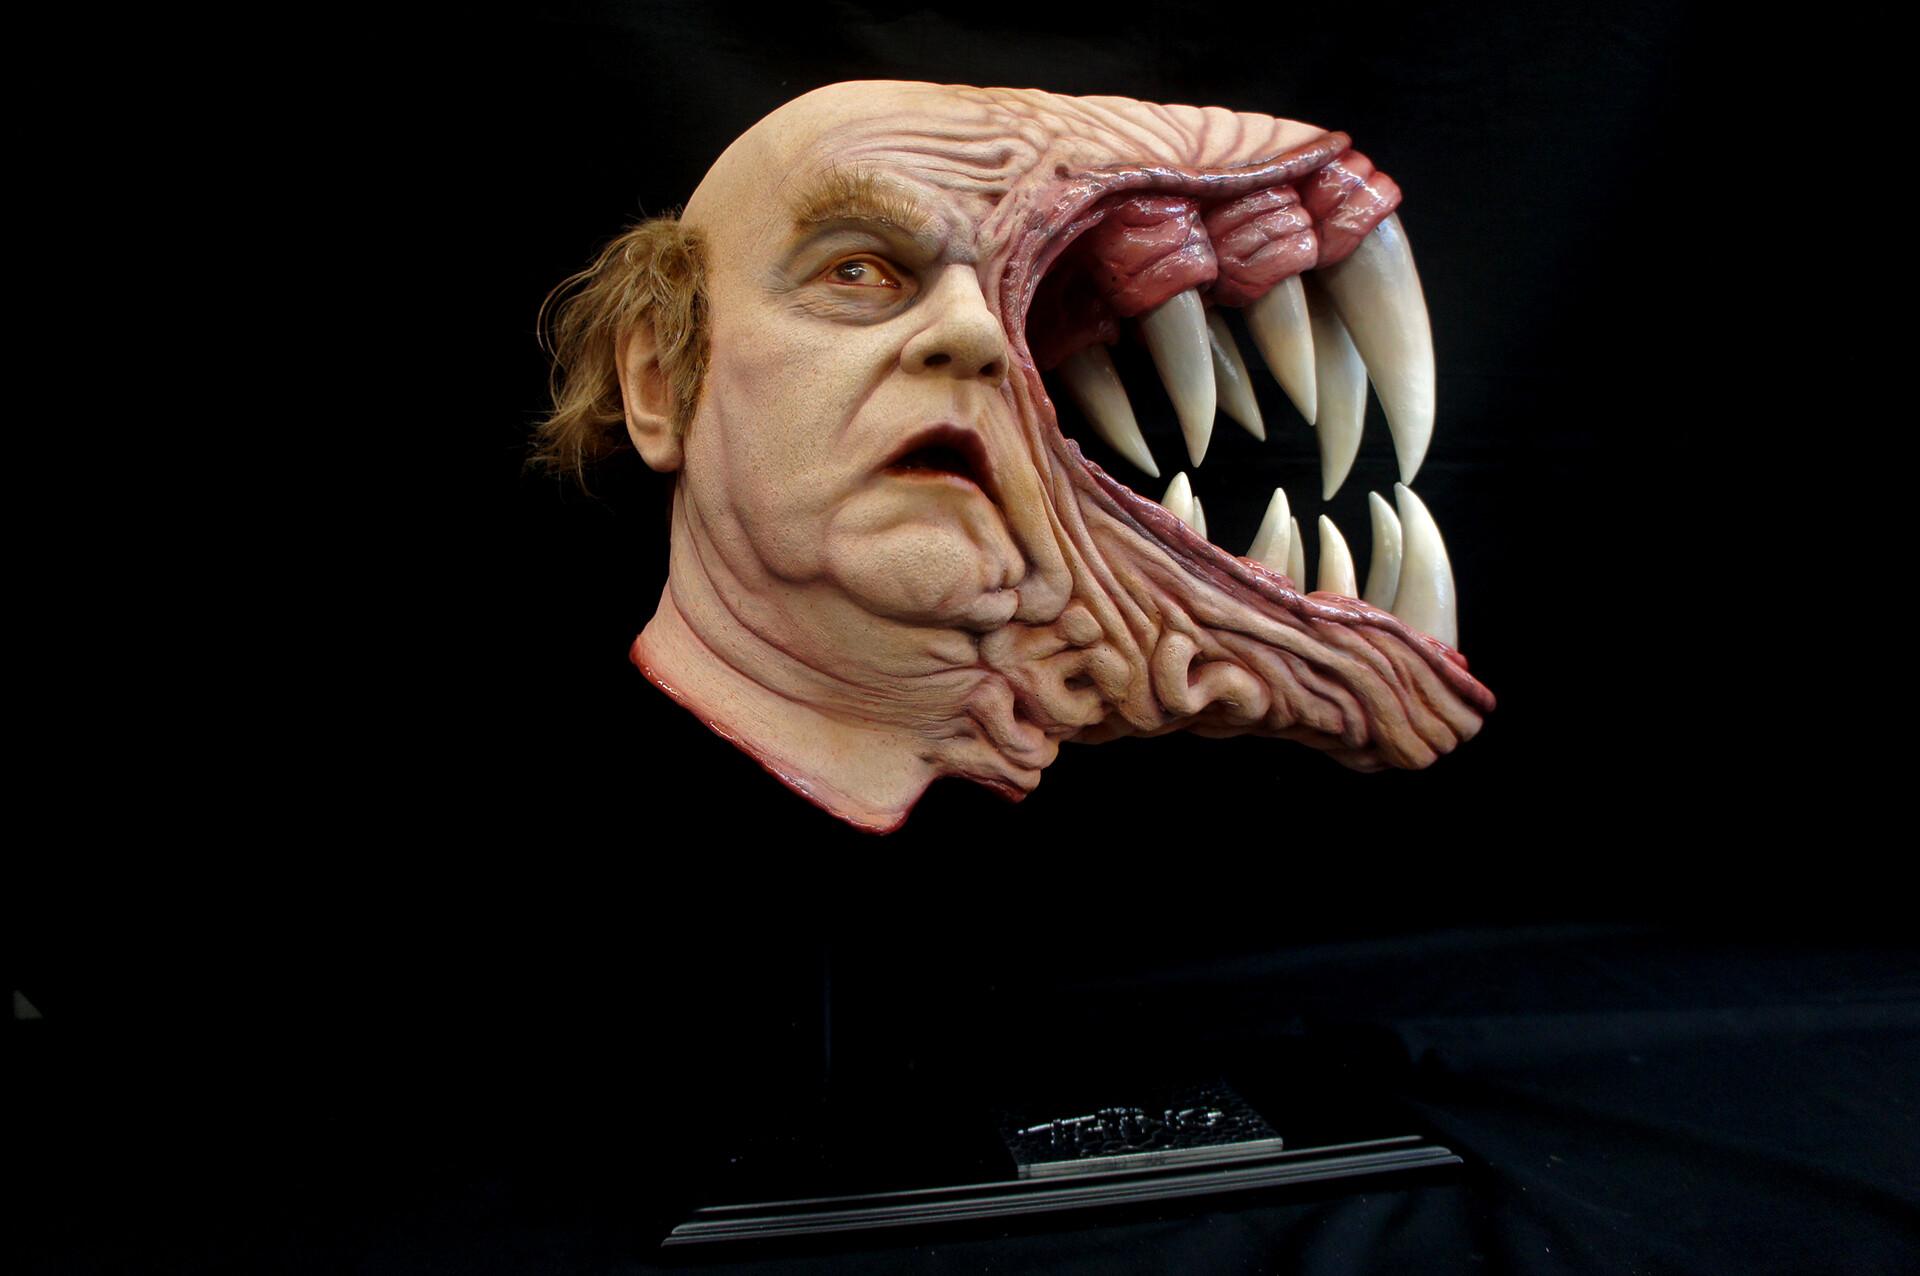 遊星からの物体X John Carpenter The Thing: Blair-Thing 1:1